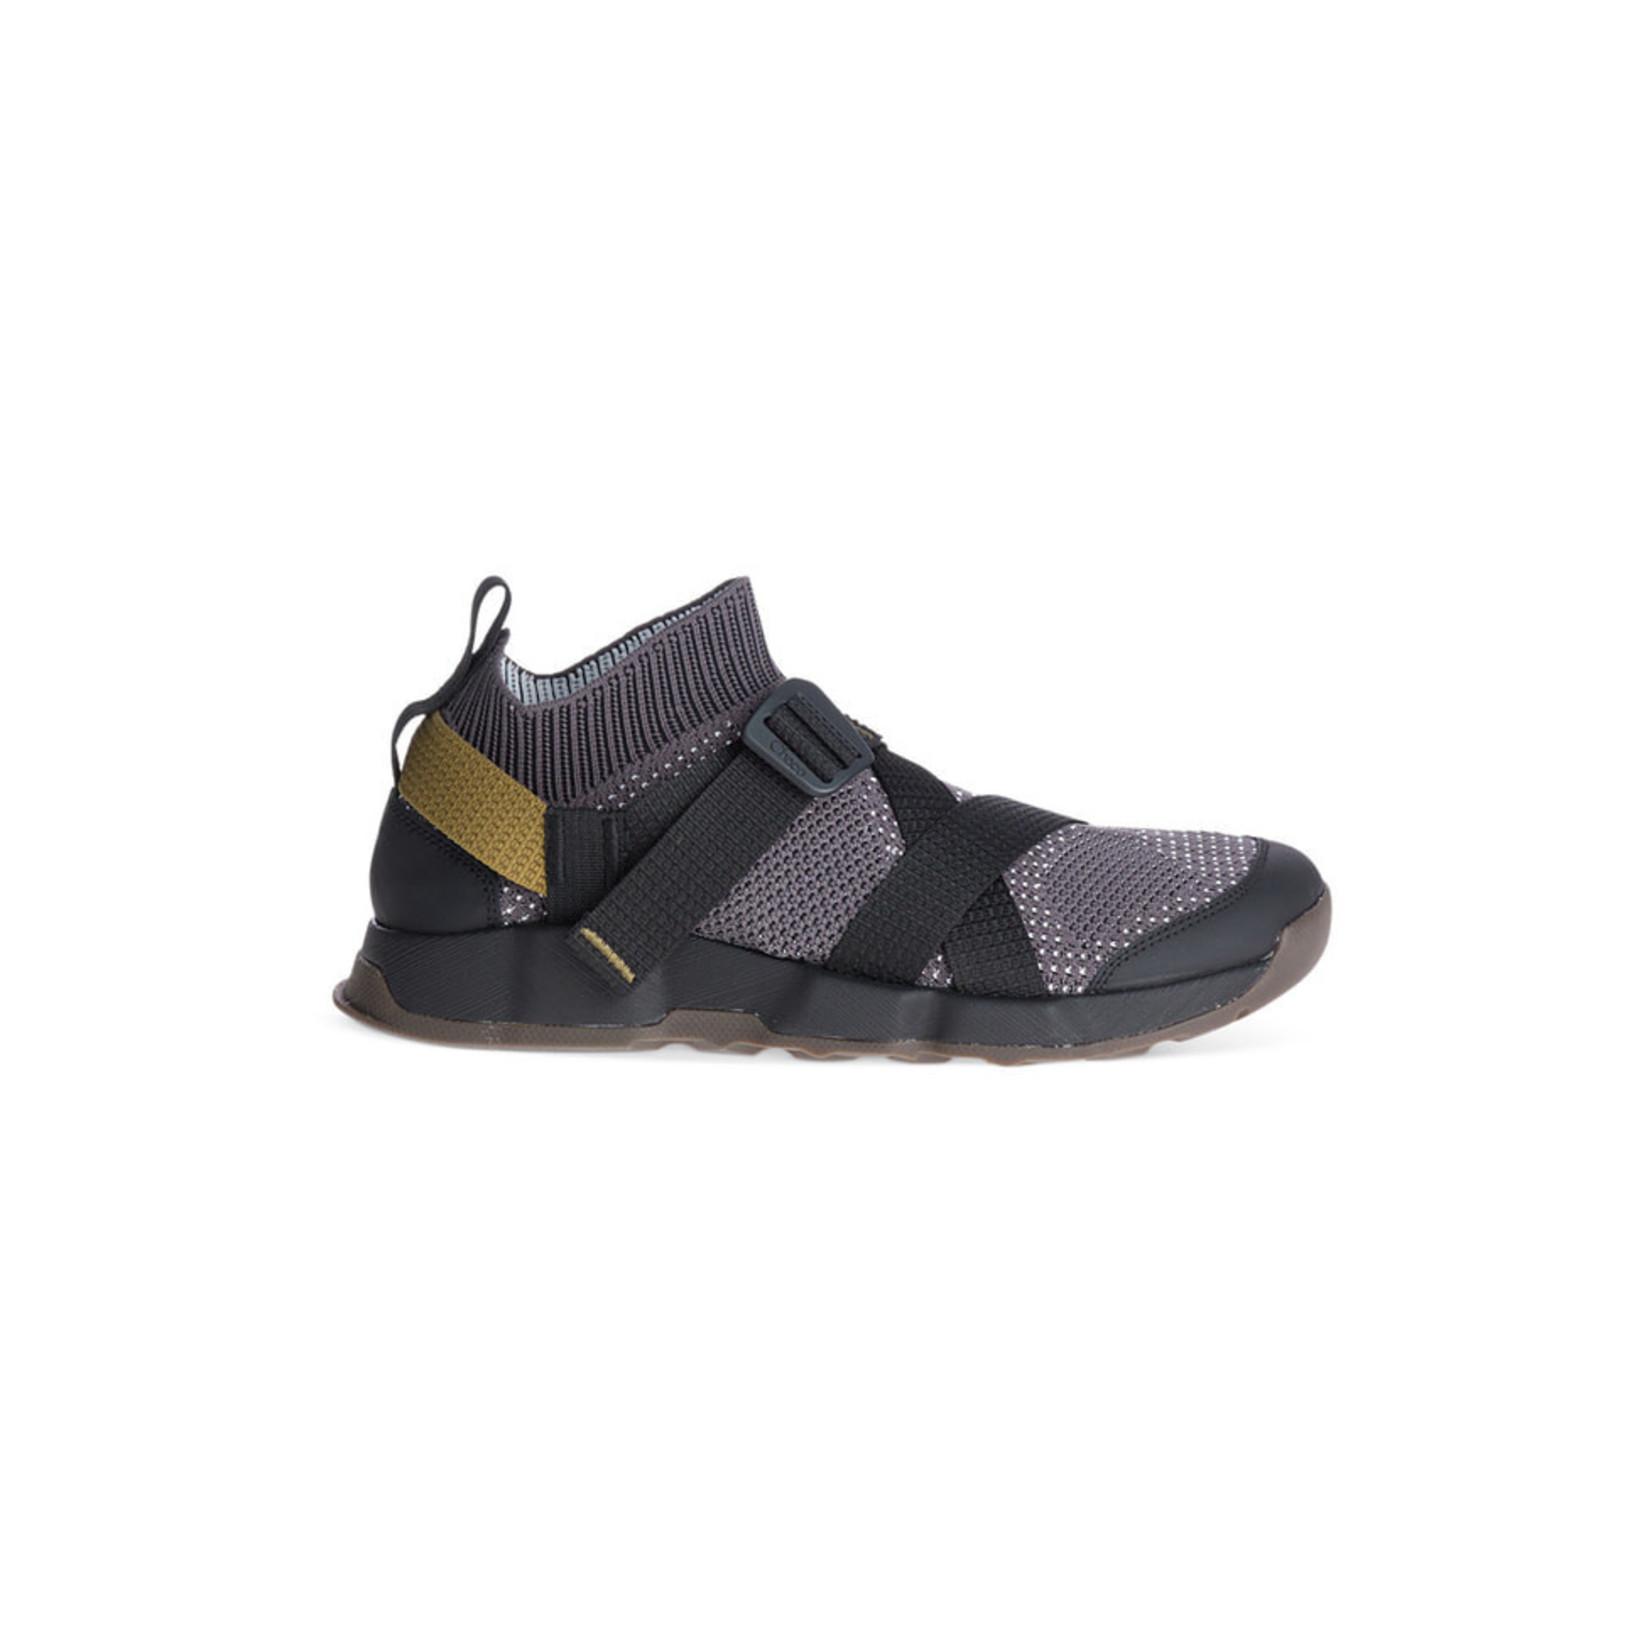 Chaco Zronin sandal Black/noir